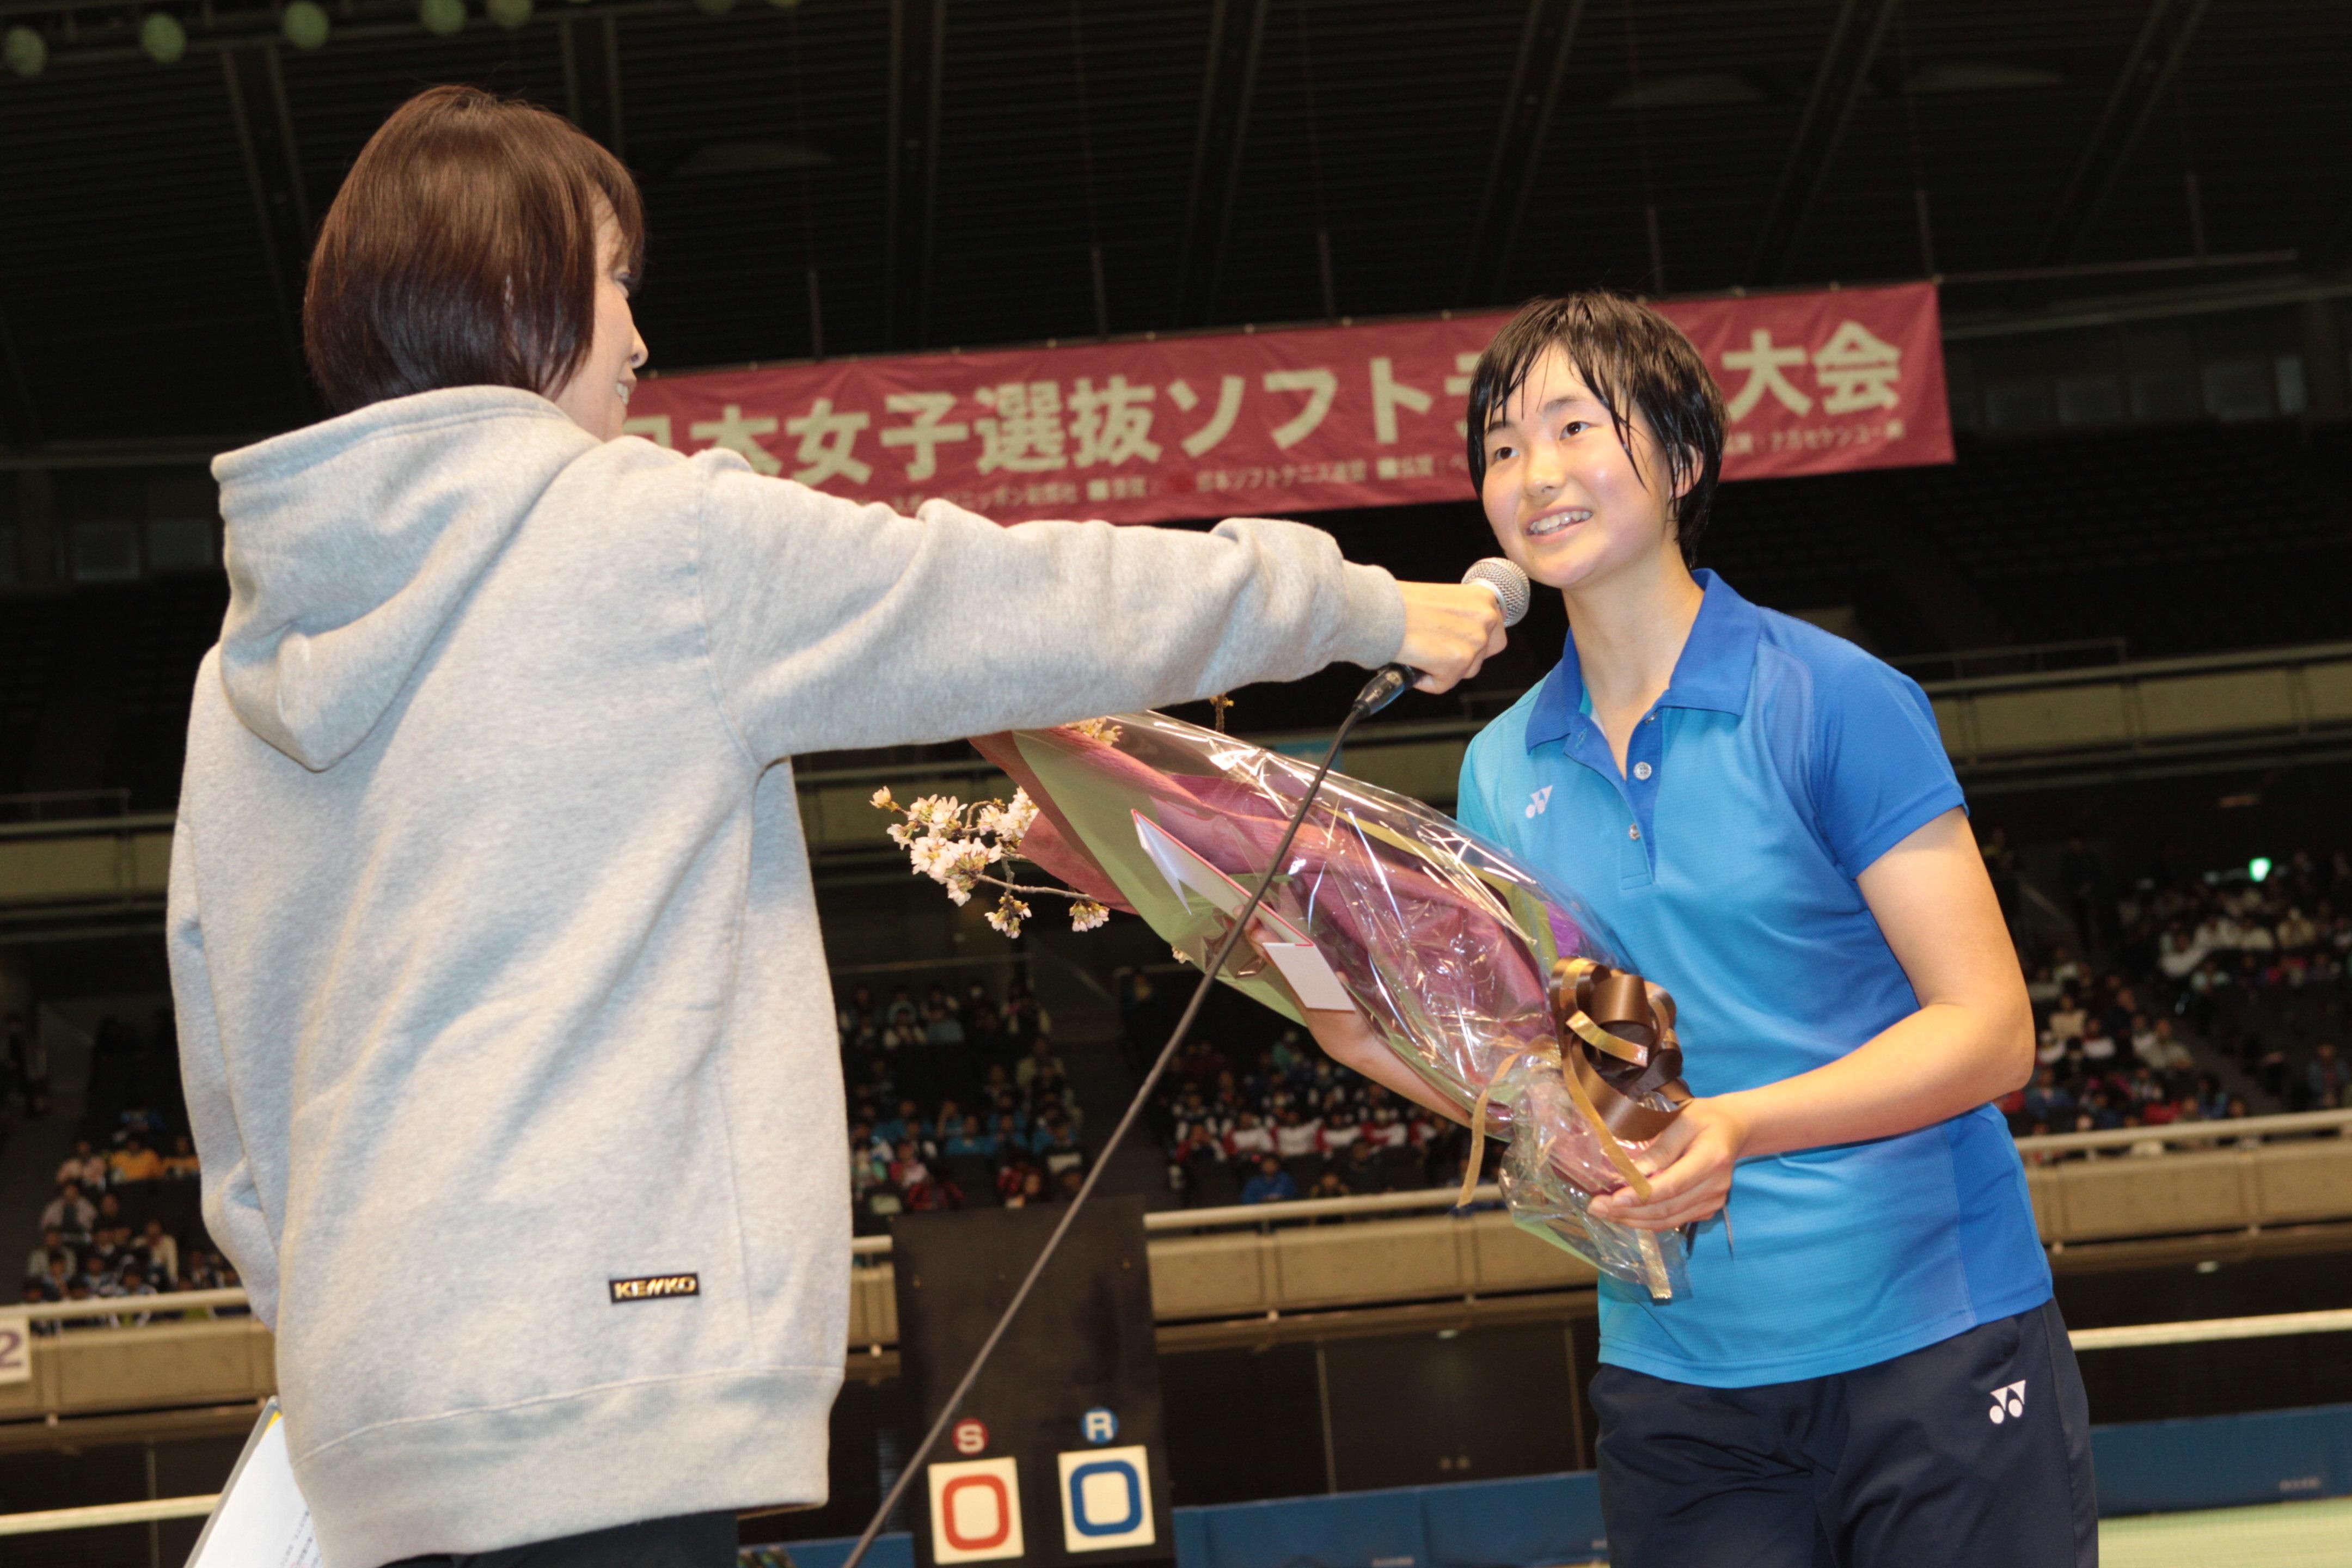 高校生3人目のシングルスチャンピオンとなった貝瀬ほのか